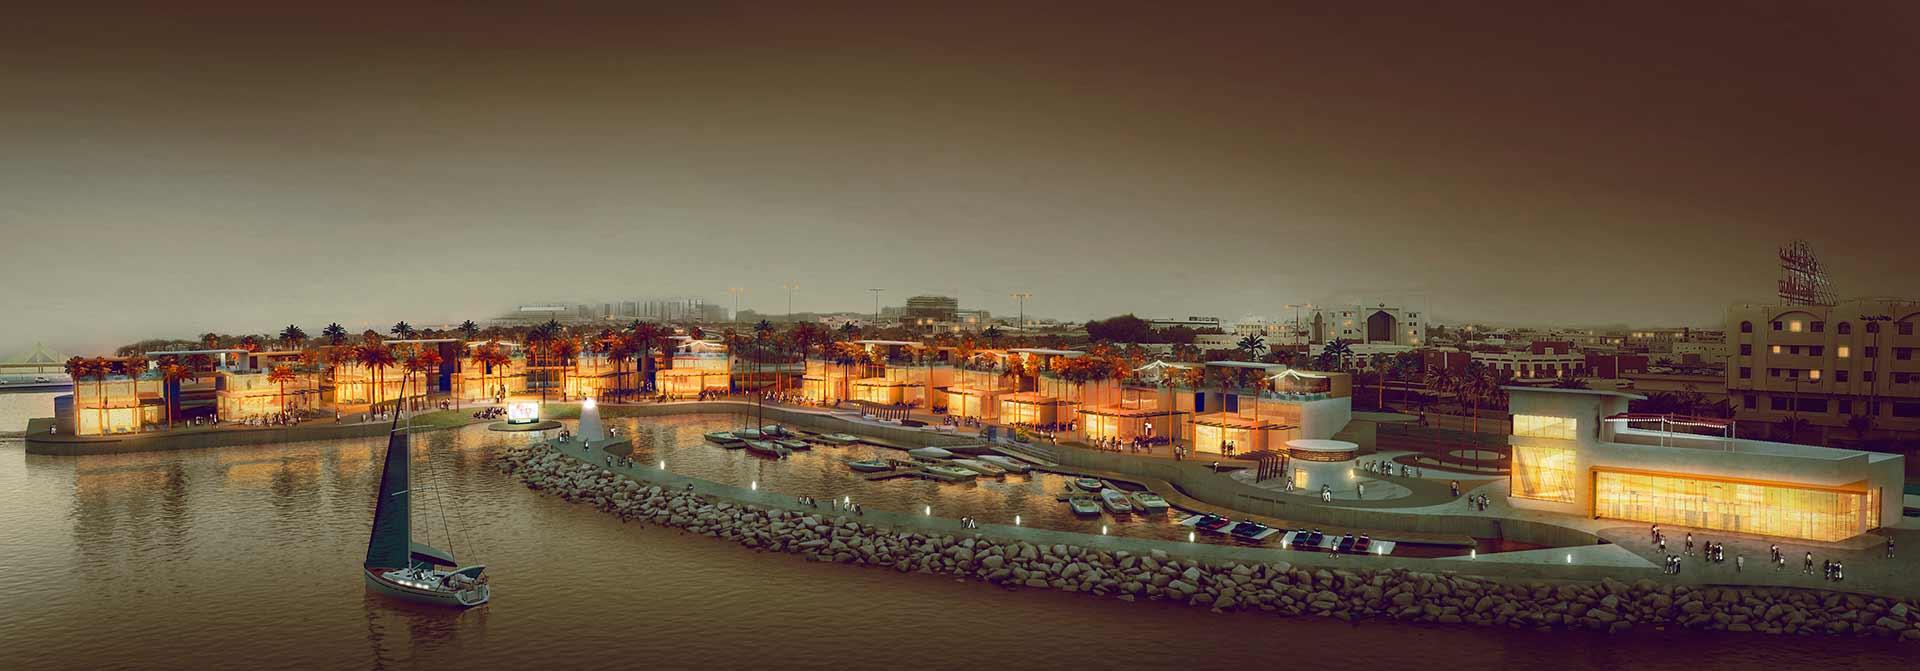 muharraq-corniche (2)